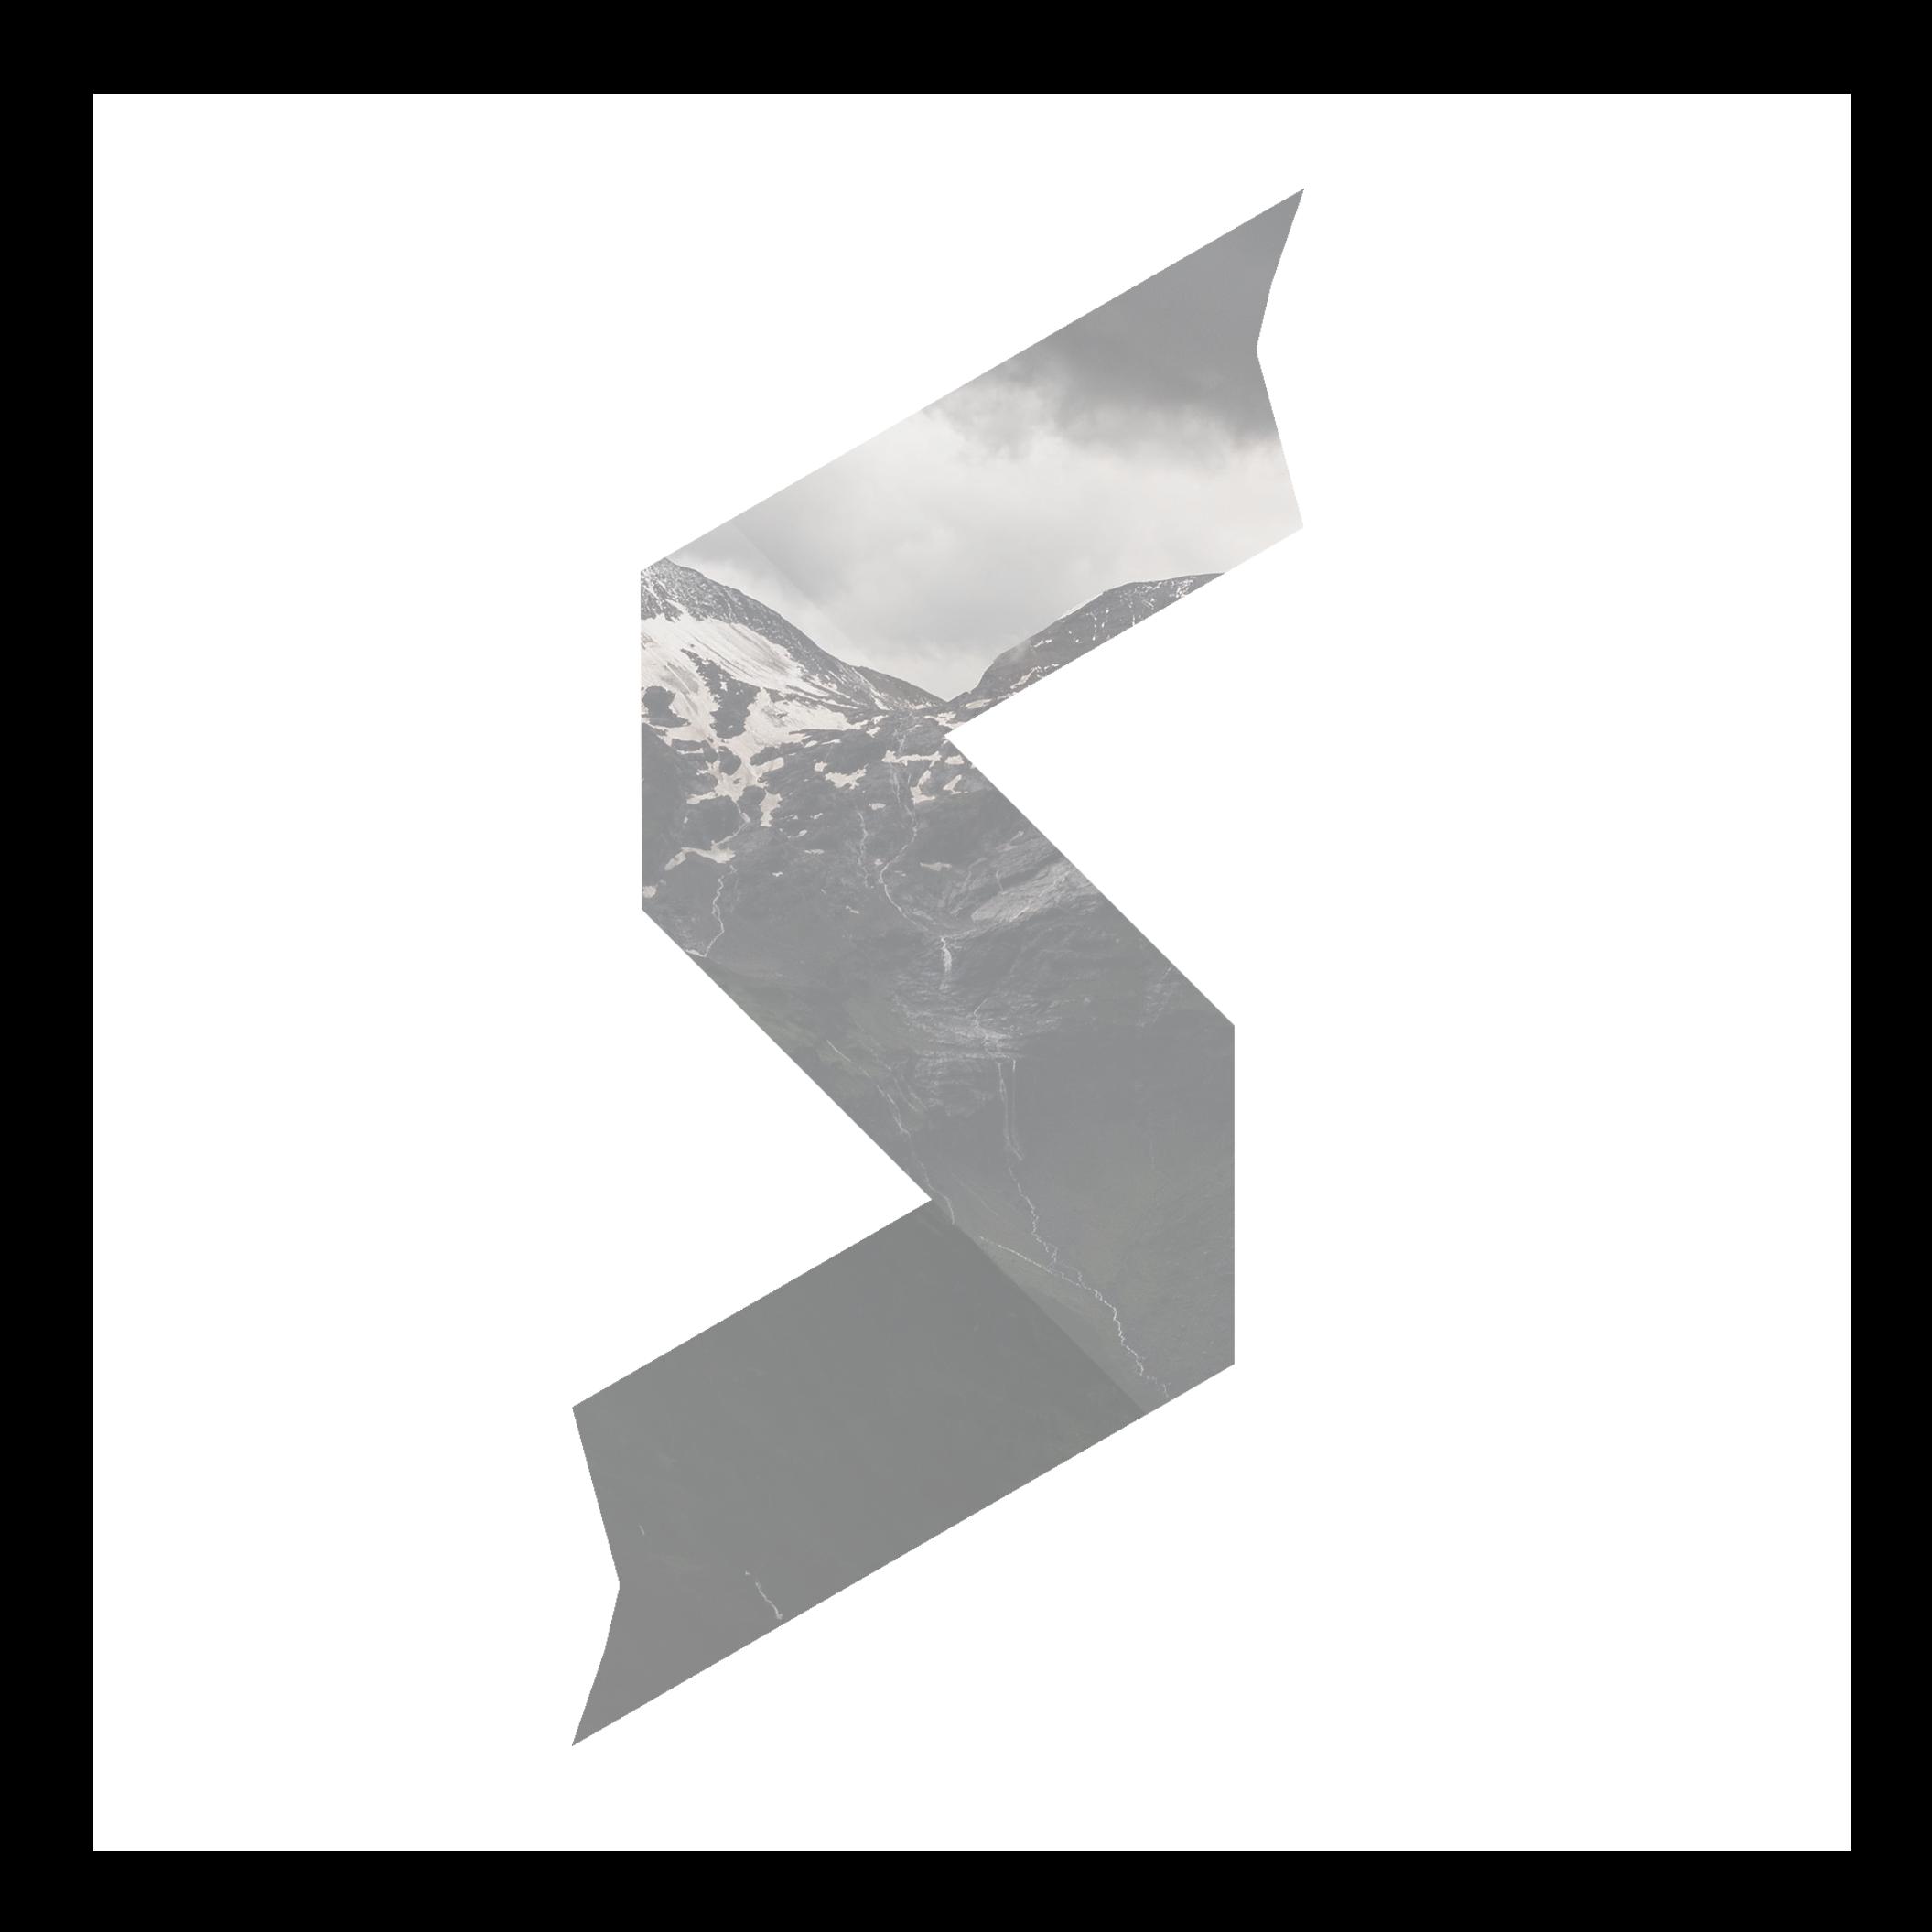 SynexitFM